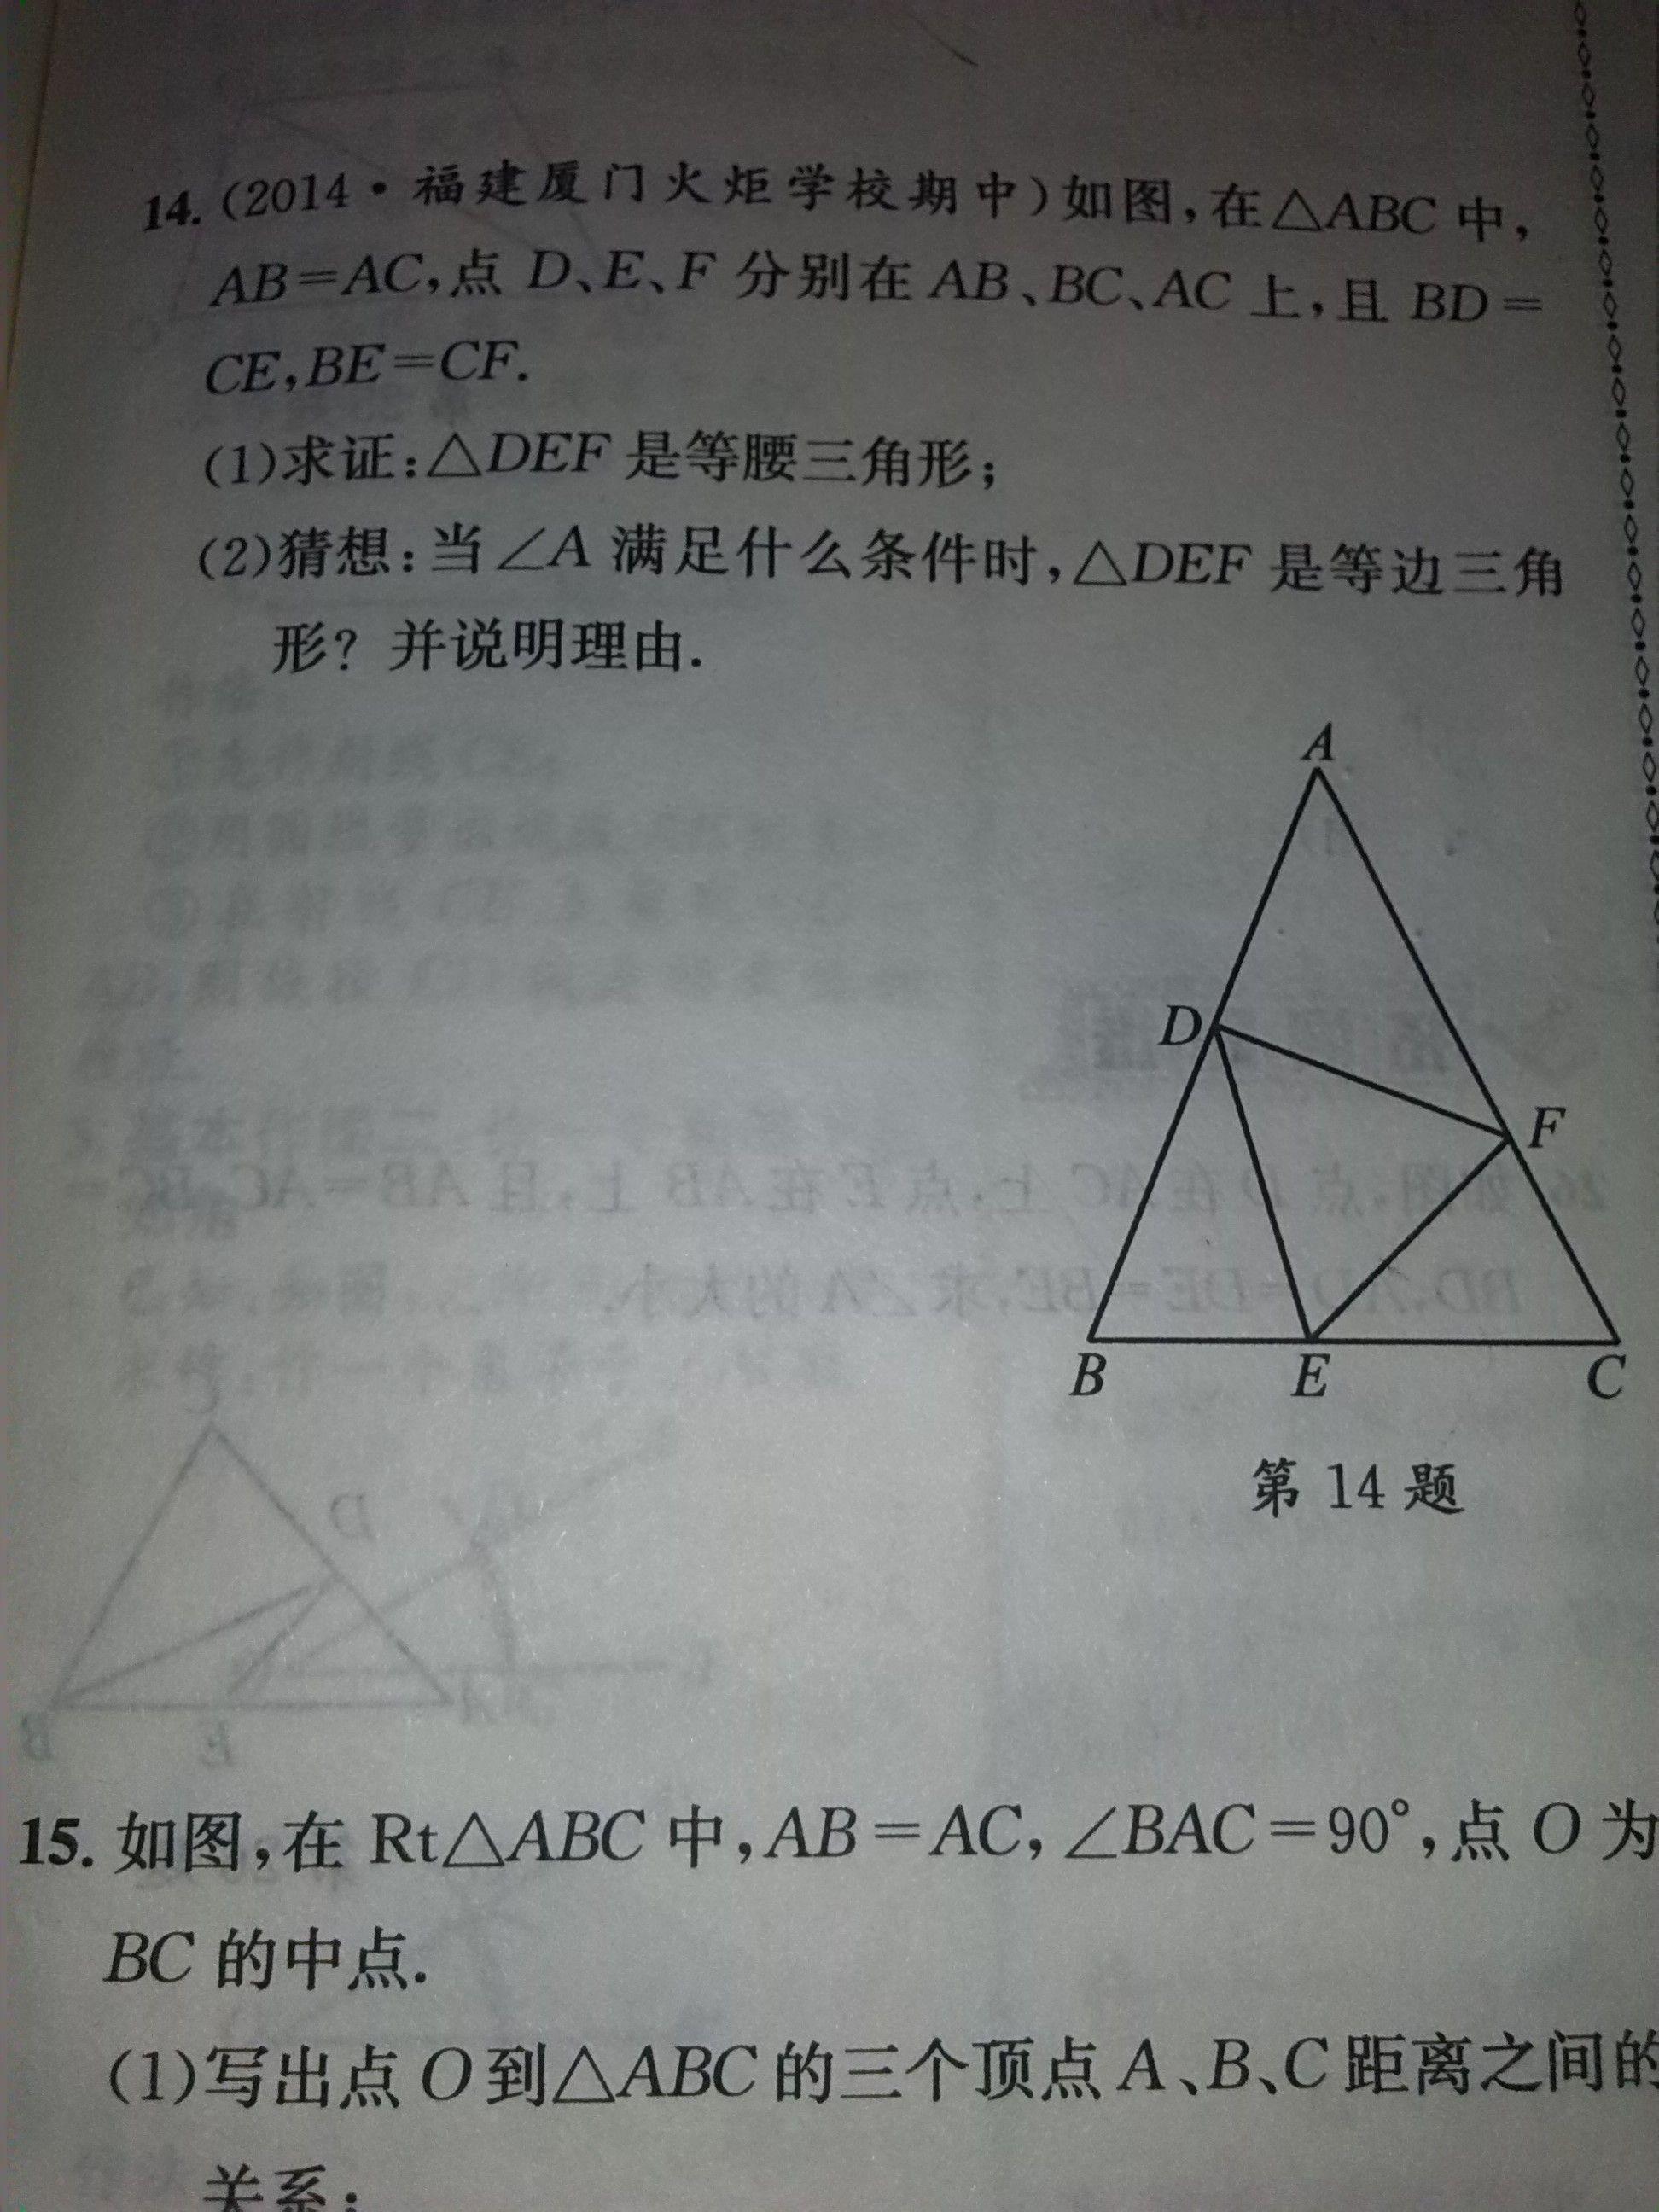 初中数学几何综合题_初中几何题,如图怎么做_百度知道